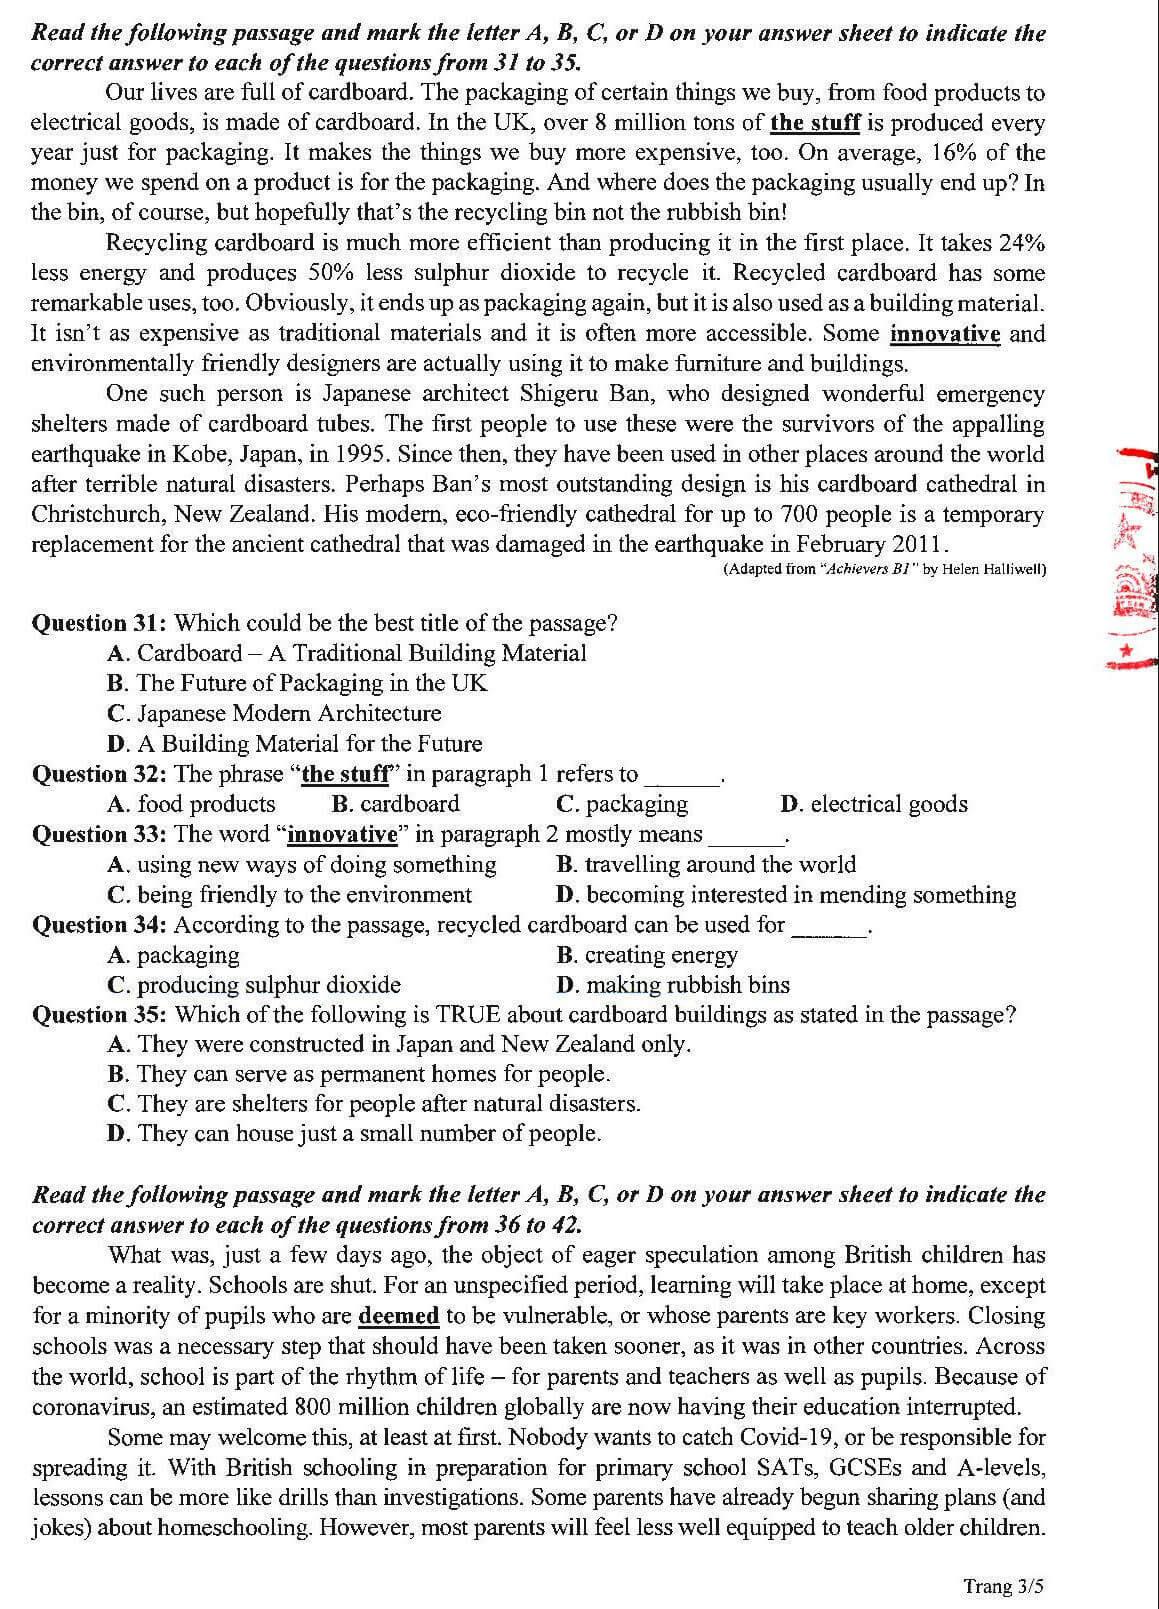 Đề thi tham khảo môn Tiếng Anh tốt nghiệp THPT 2020 p3